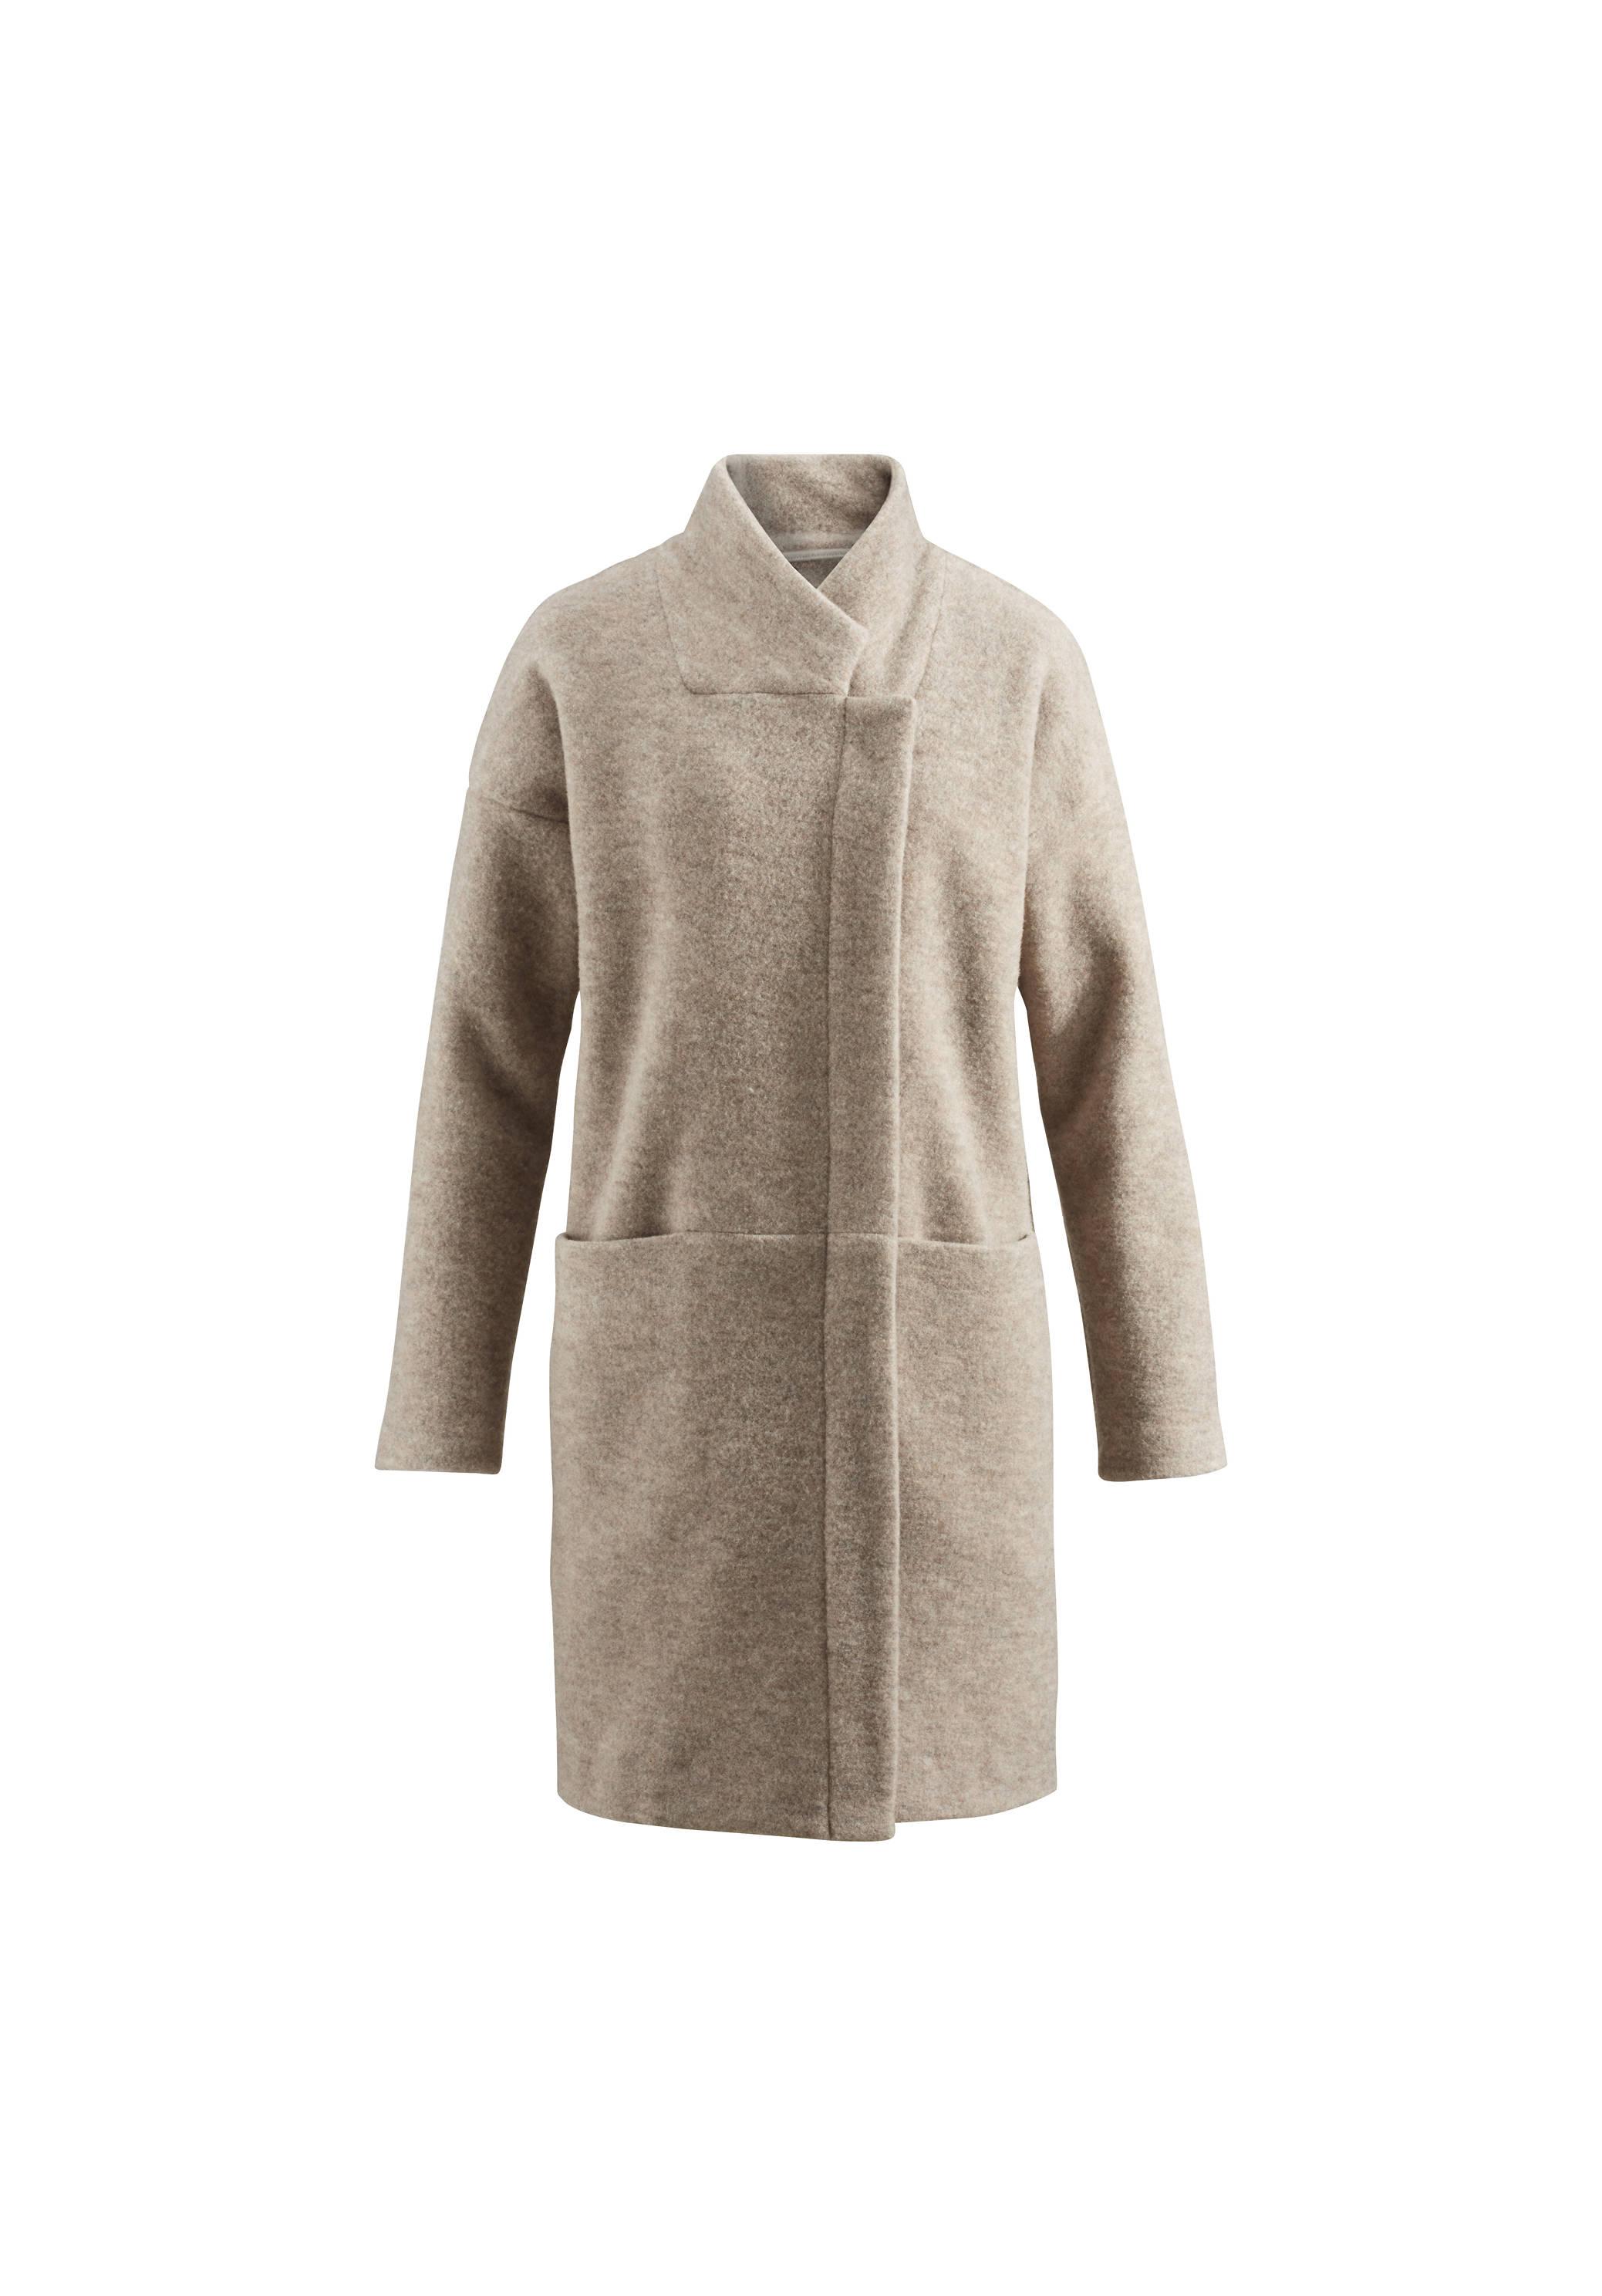 Mantel damen schurwolle